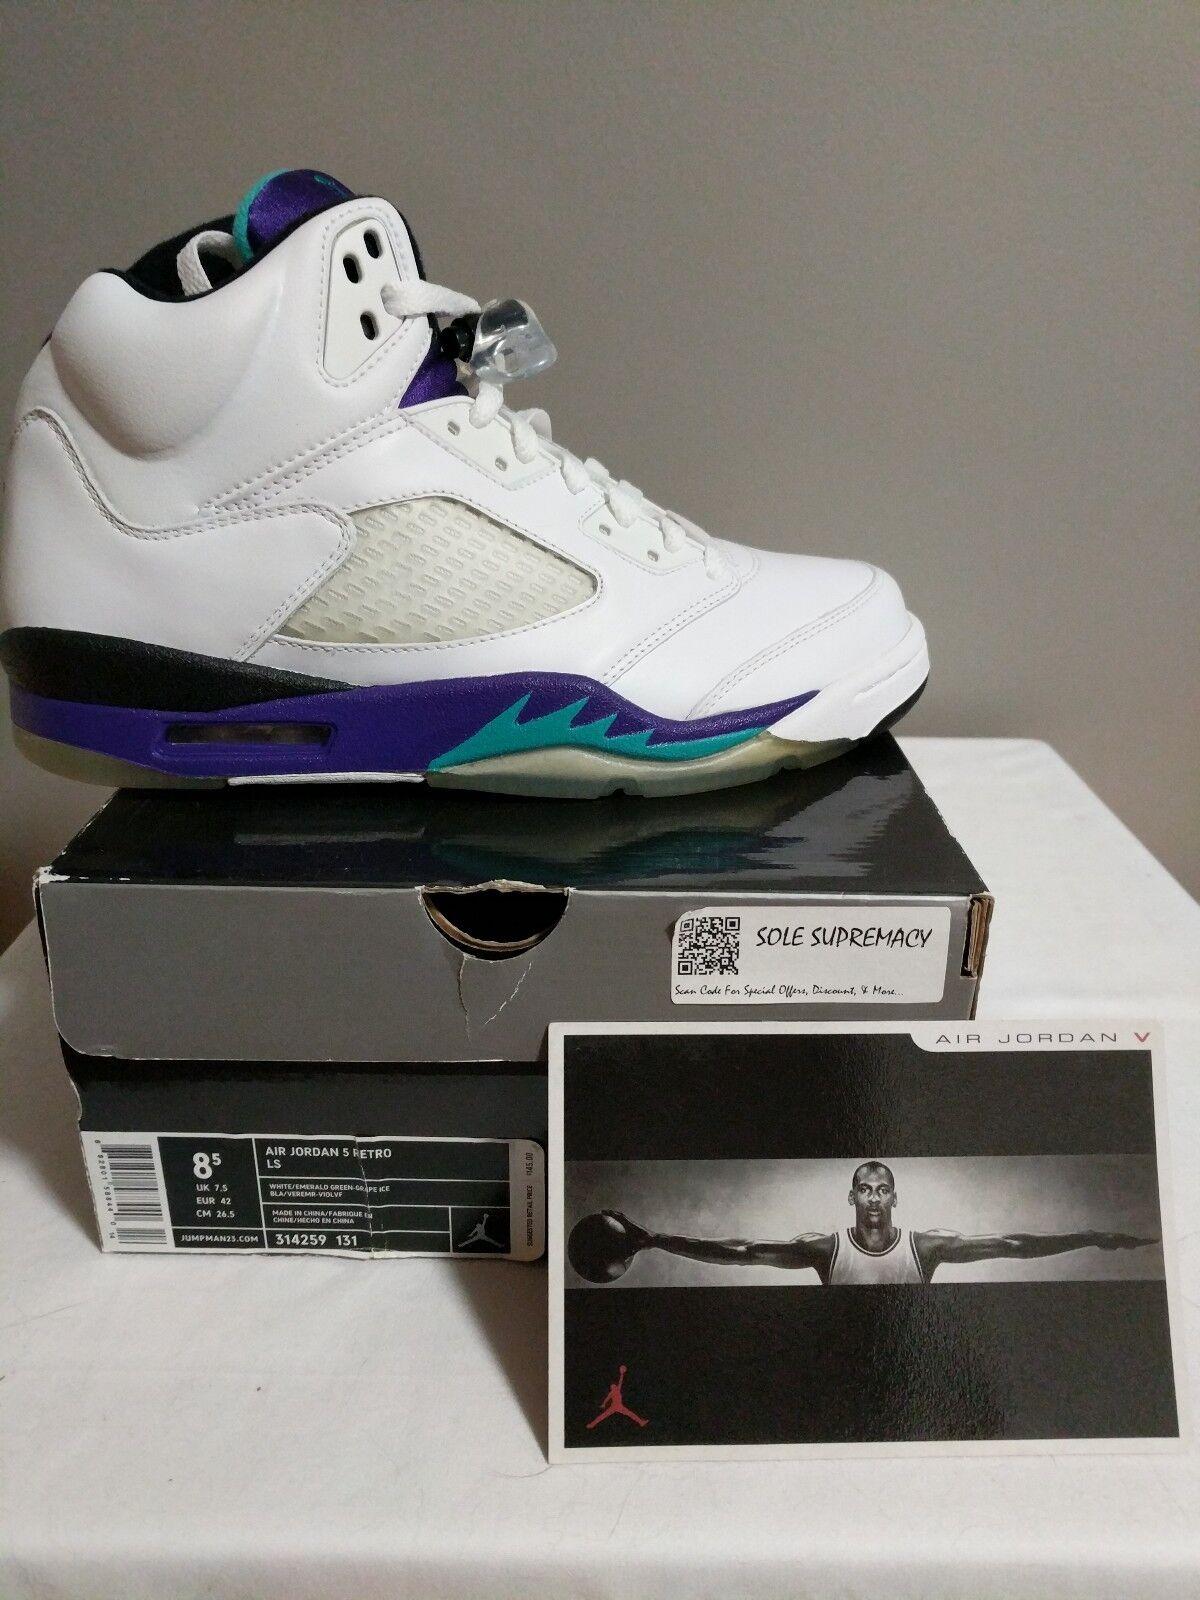 Jordan 5 Uva blancoo púrpuraa Negro Talla 8.5